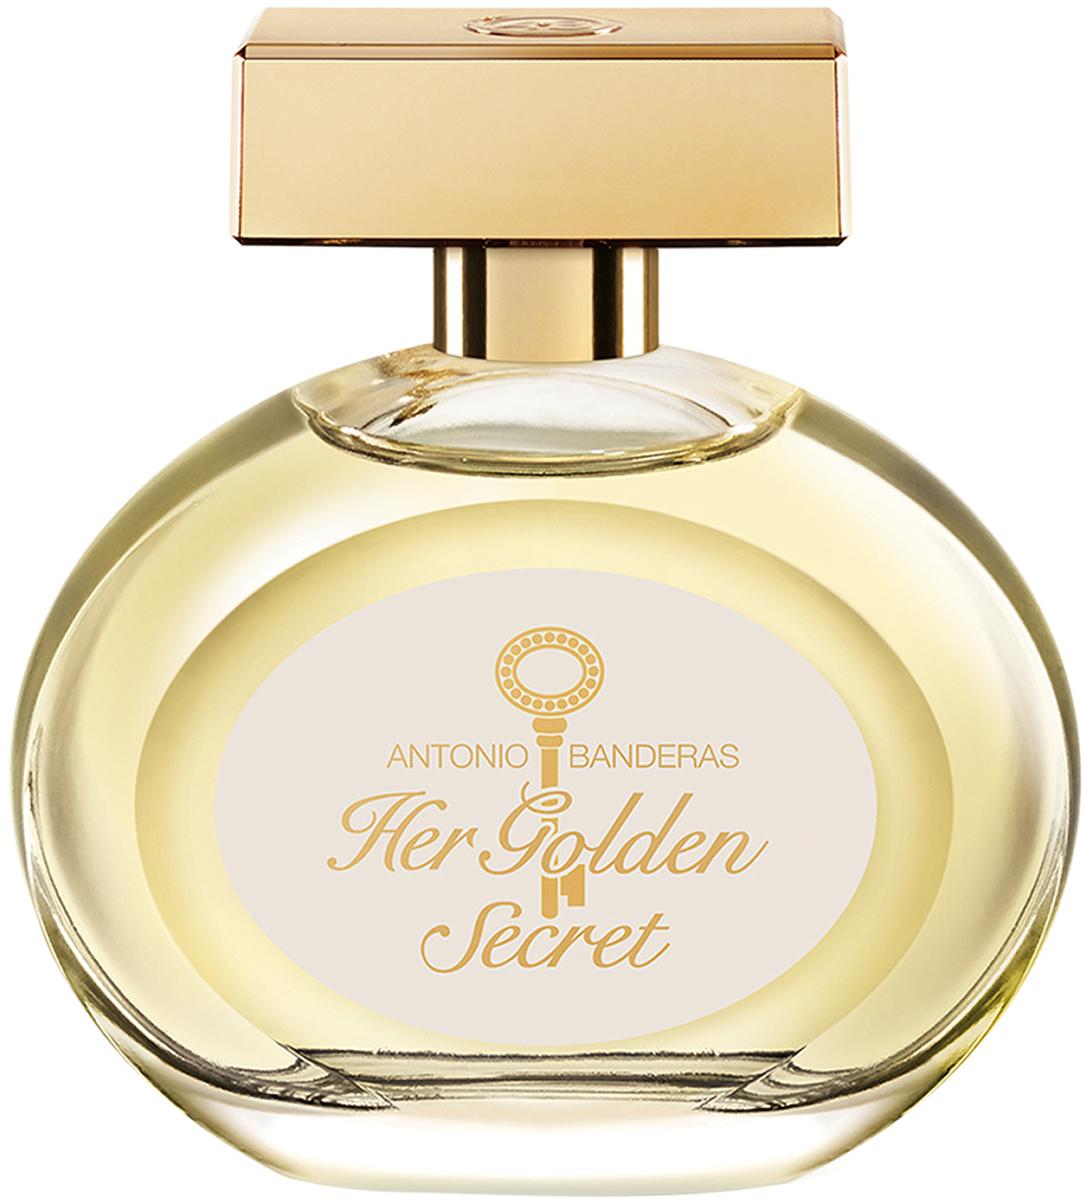 Antonio Banderas Туалетная вода Her Golden Secret, 80 мл